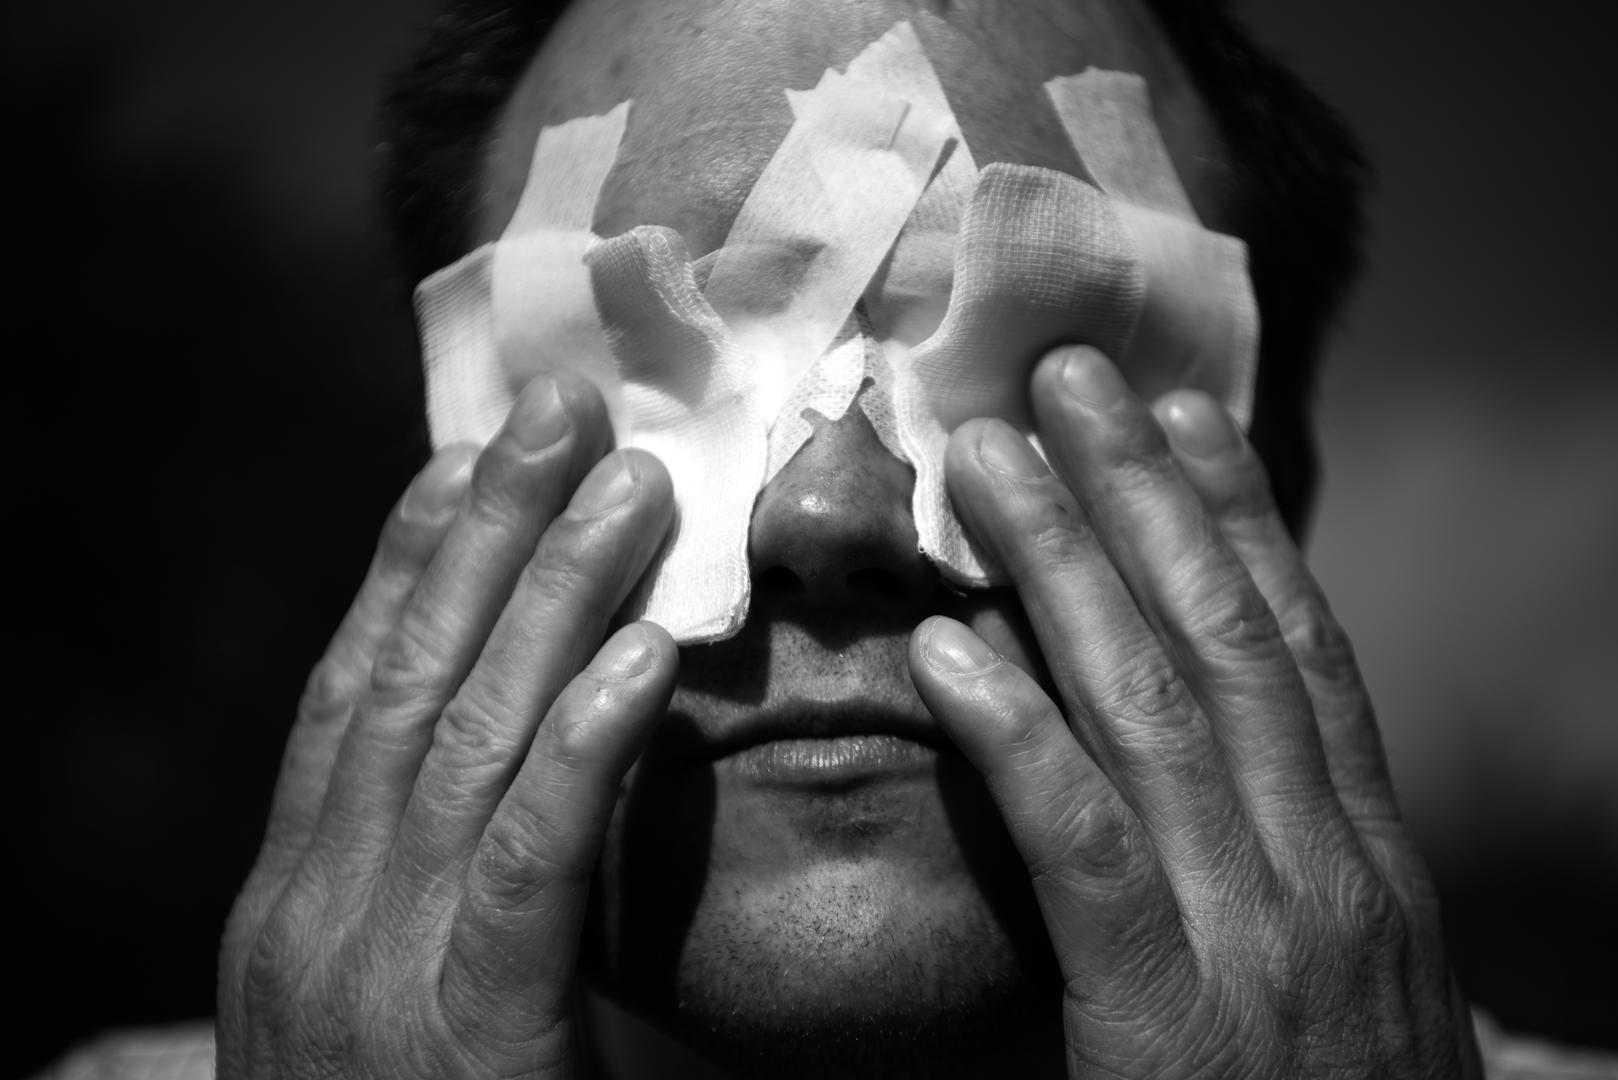 Sport (sorozat)<br />2. díj: Varga Dzsenifer (szabadfoglalkozású): Vakfoci<br /><br />Fotó: Minden mezőnyjátékosnak le kell takarni a szemét, mert néhányuknak lehet annyi látásmaradványa, ami segíti őket a tájékozódásban.